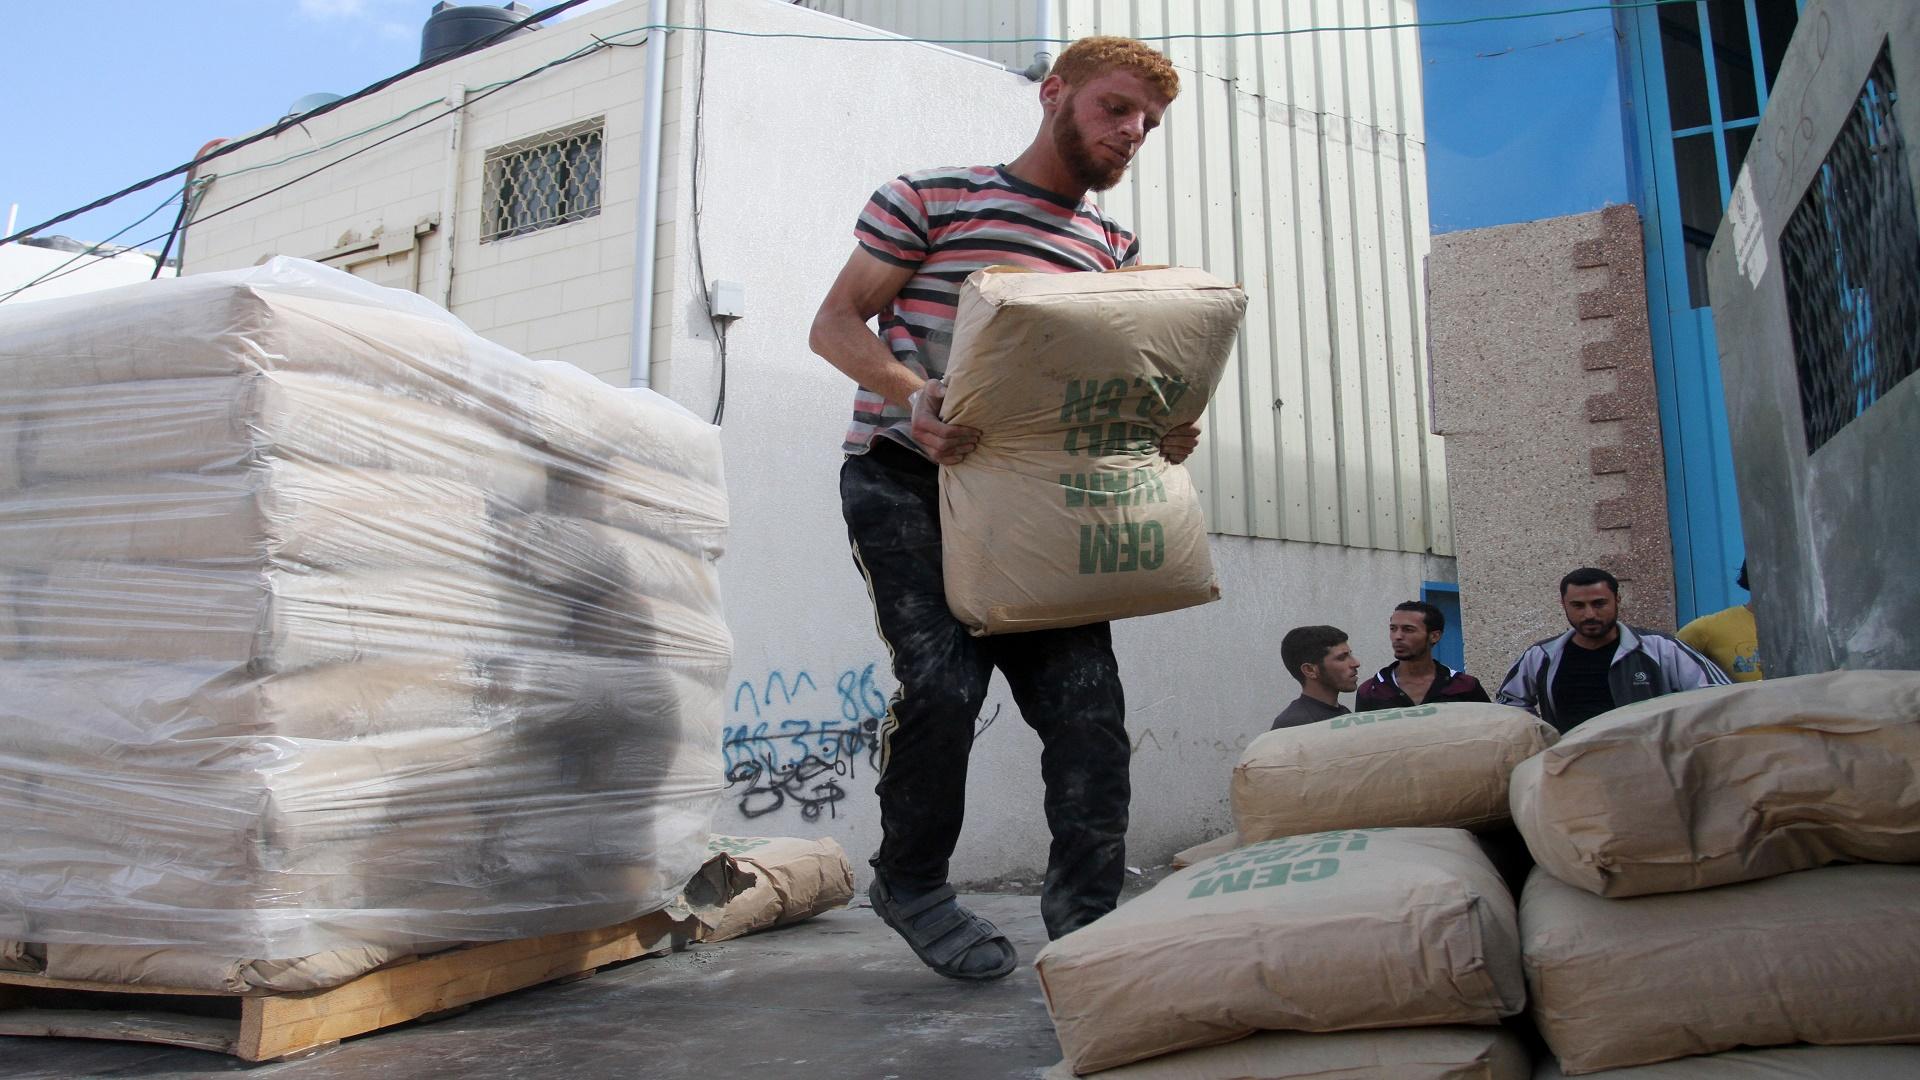 العصار لمصدر: غزة تحتاج 48 ألف طن من الإسمنت شهرياً لا تشمل الإعمار